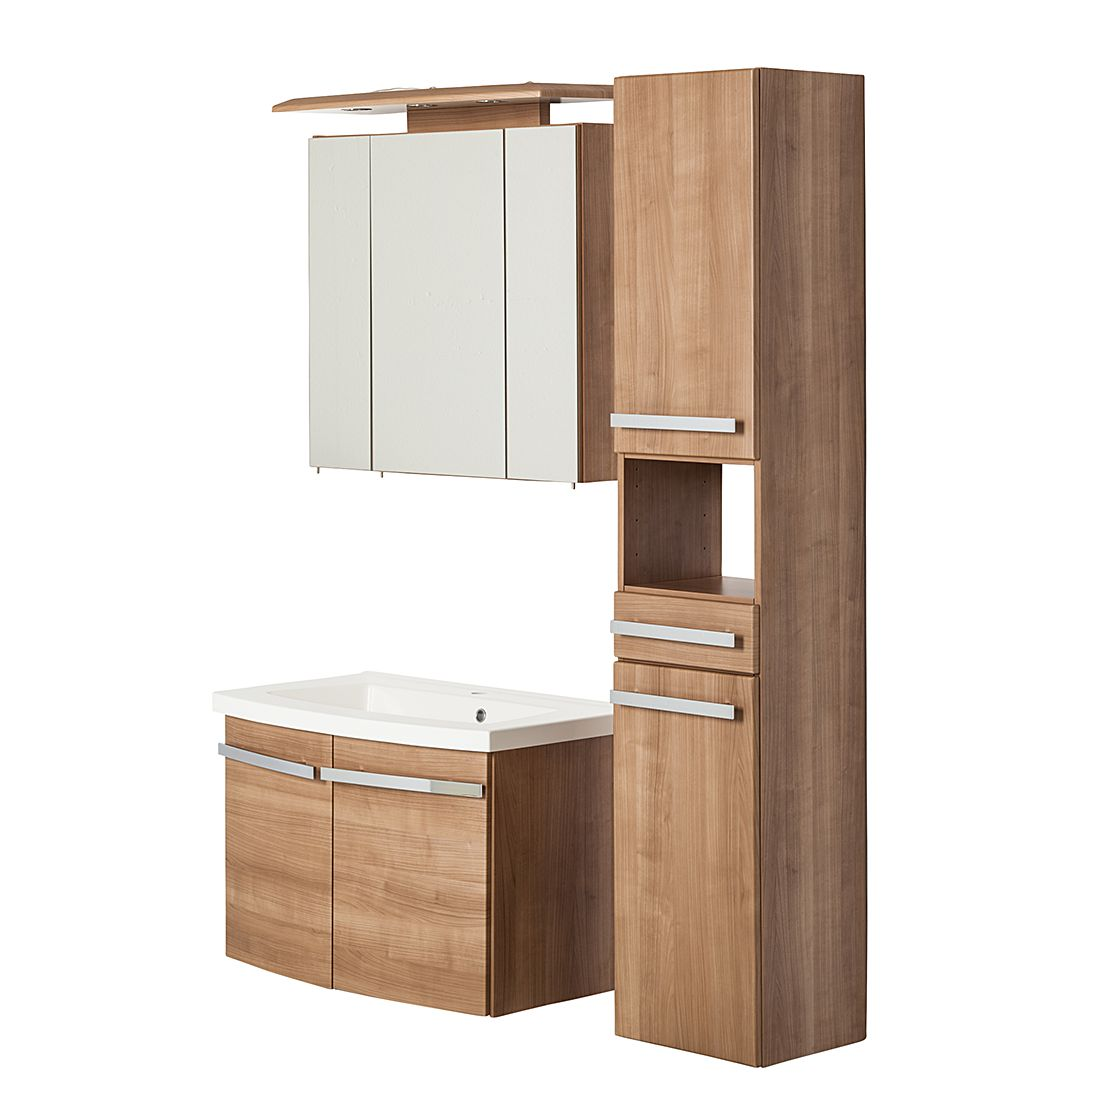 waschplatz bina 3 teilig noce. Black Bedroom Furniture Sets. Home Design Ideas